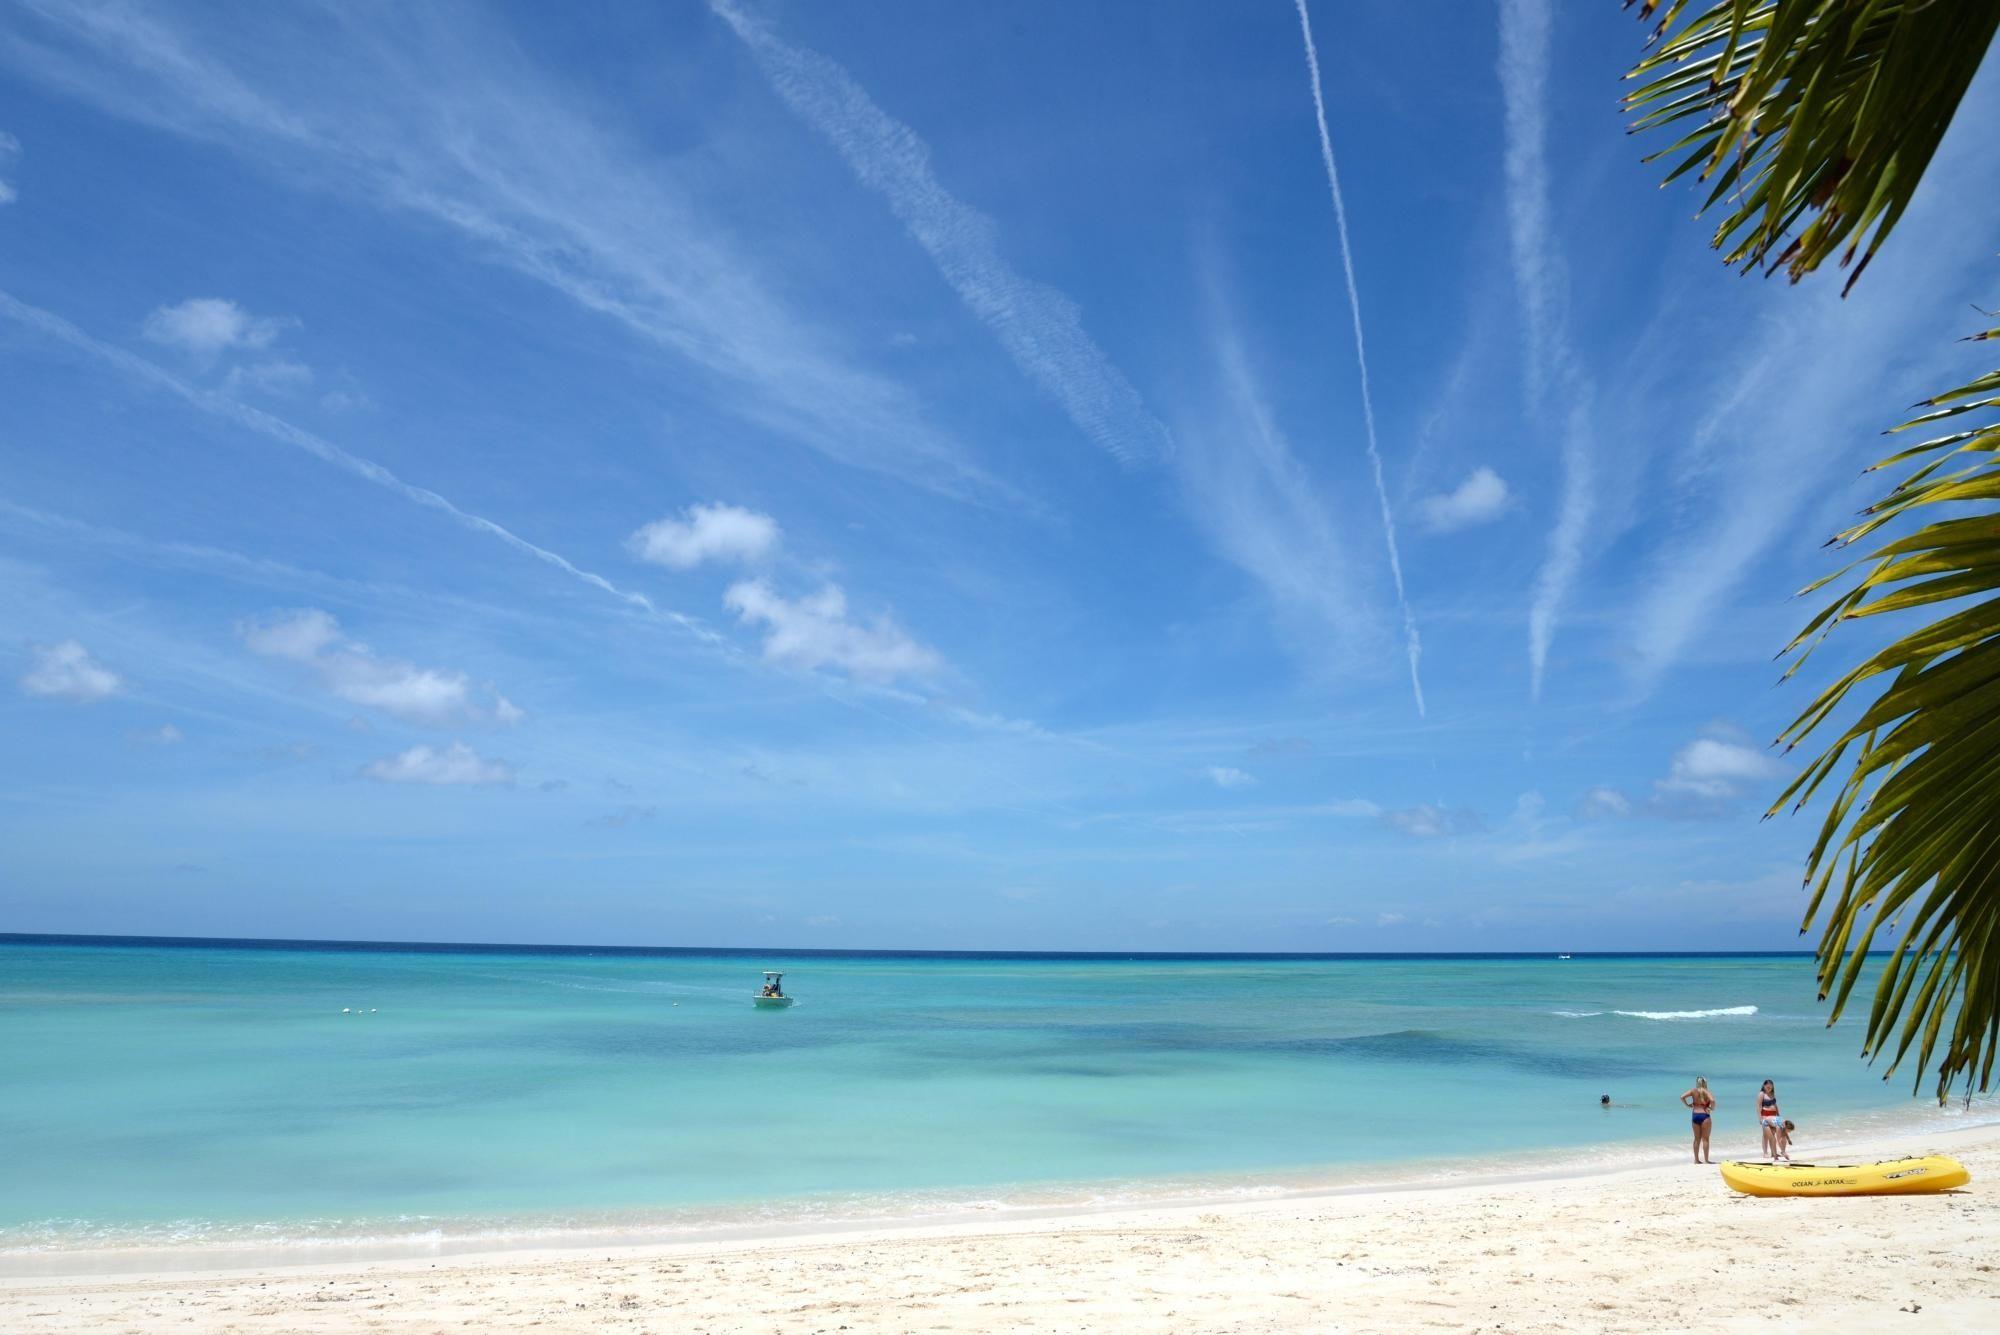 Bohio Dive Resort Dive Resort Turks And Caicos Resorts Resort